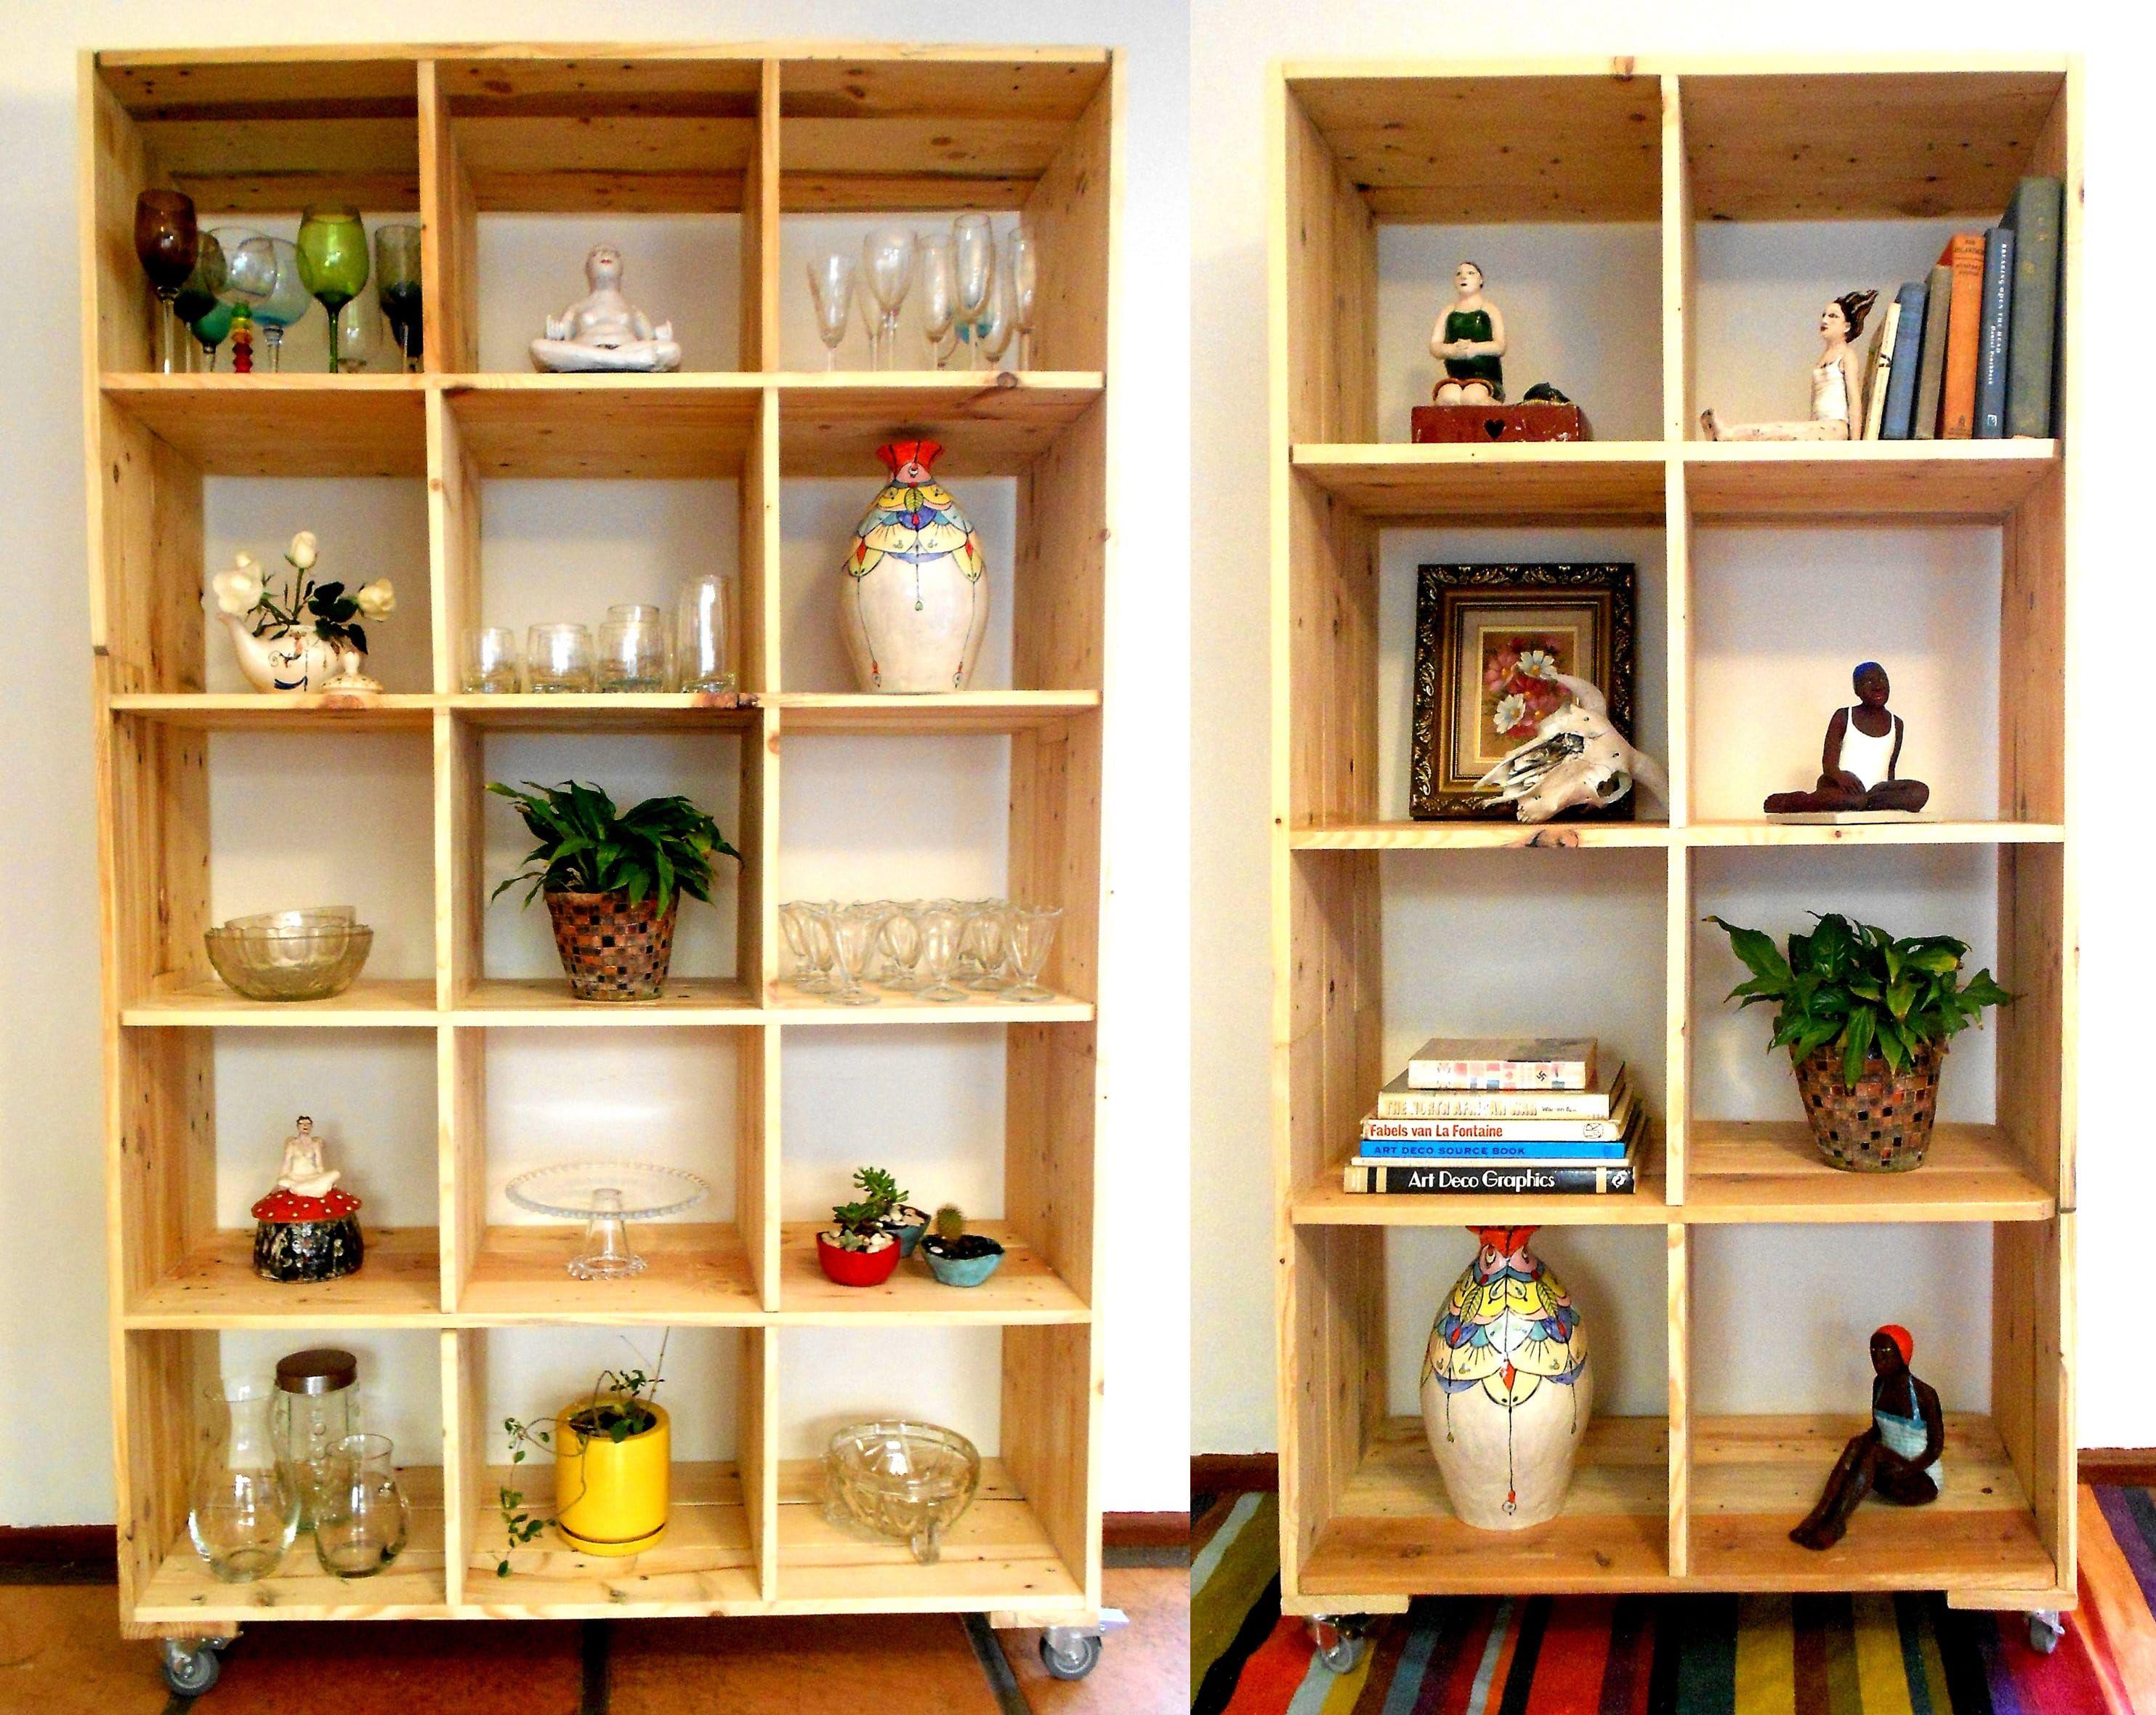 Palet muebles columpios jardin hechos palets muebles de - Muebles almacenaje exterior ...